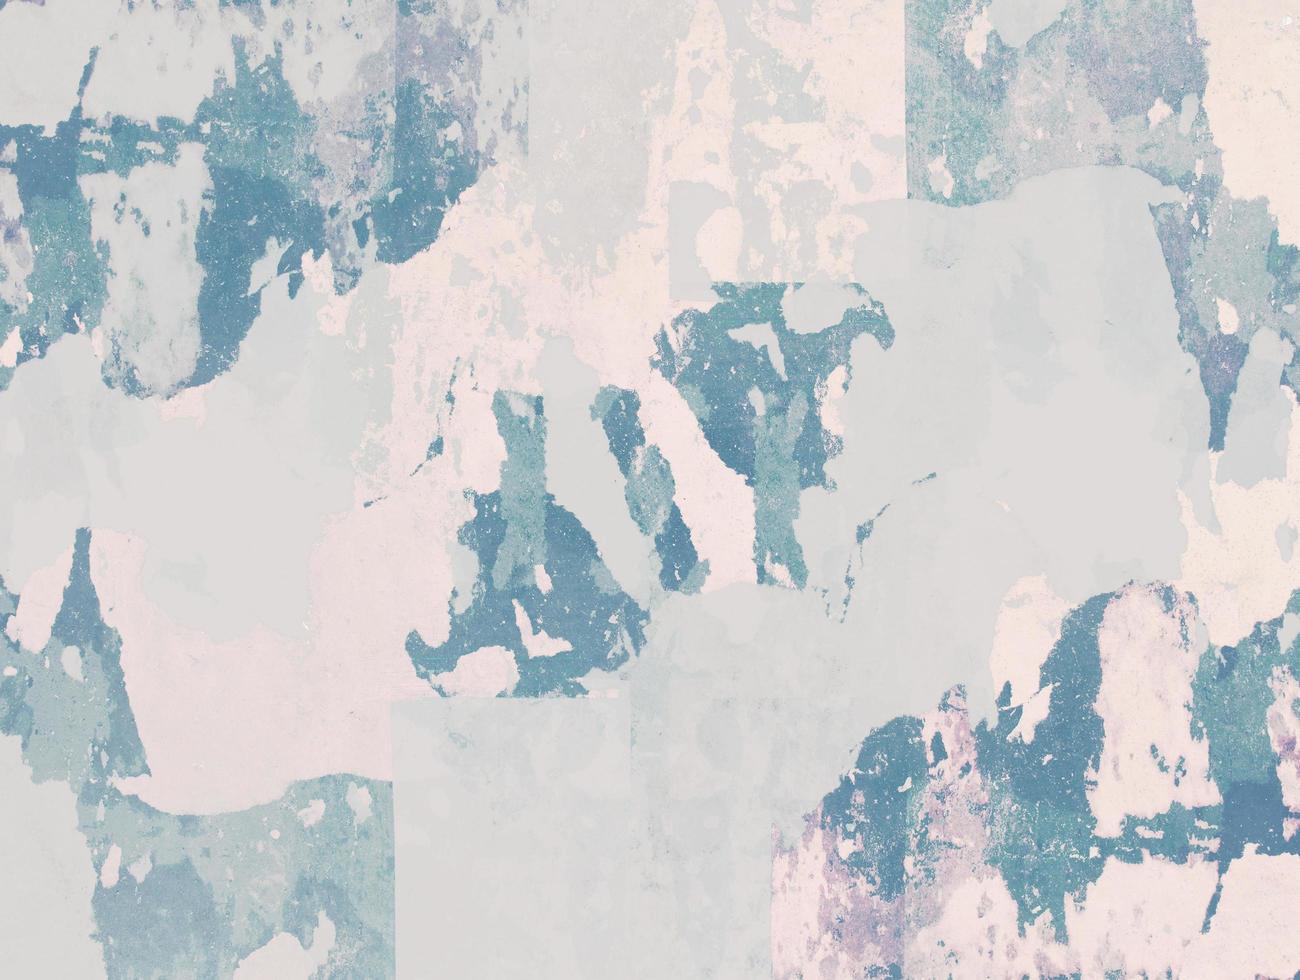 textura de la pared del grunge abstracto foto